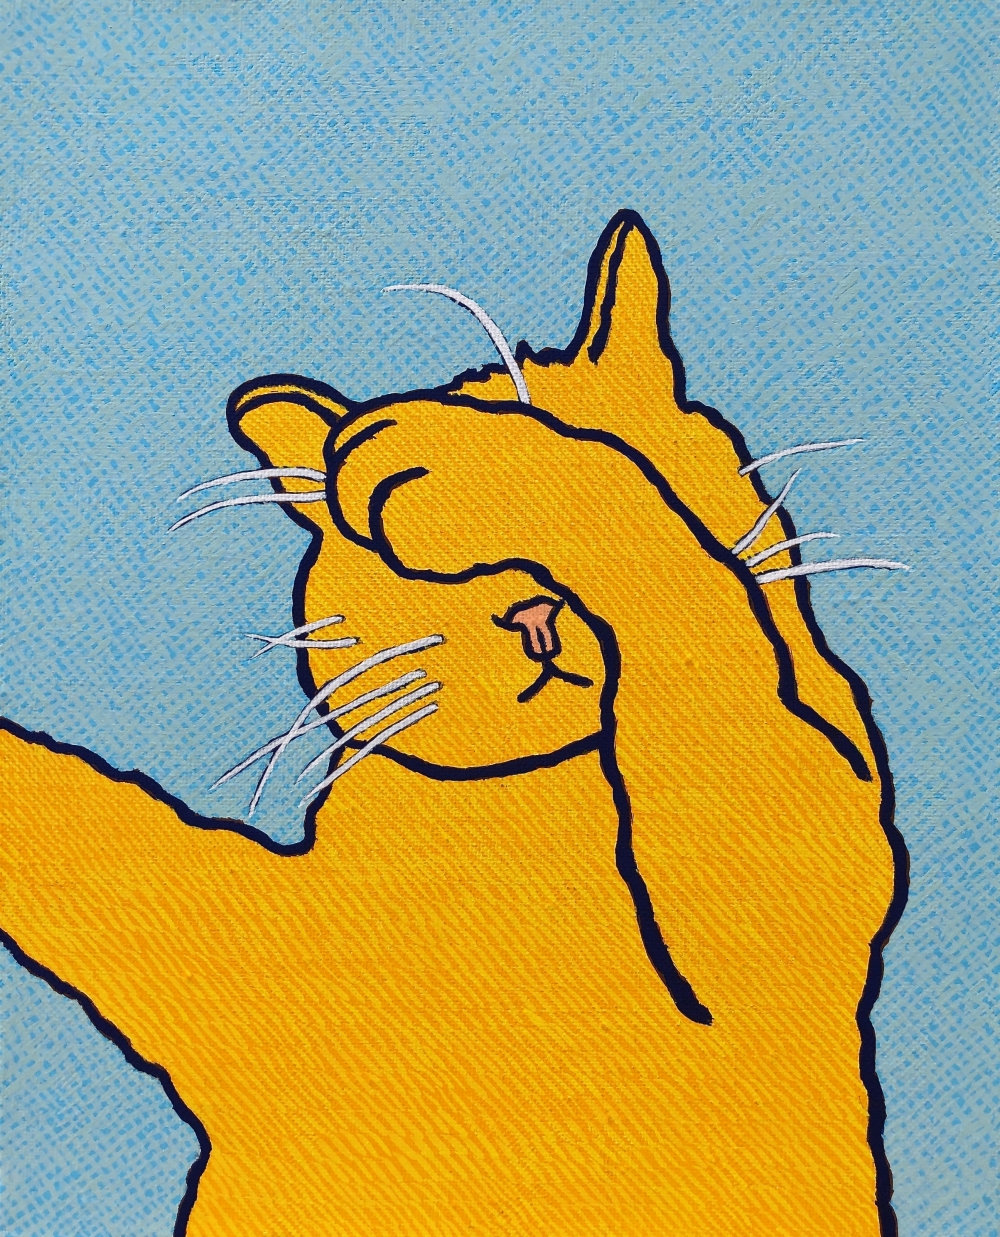 exid982wid938 / Noon Cat 13